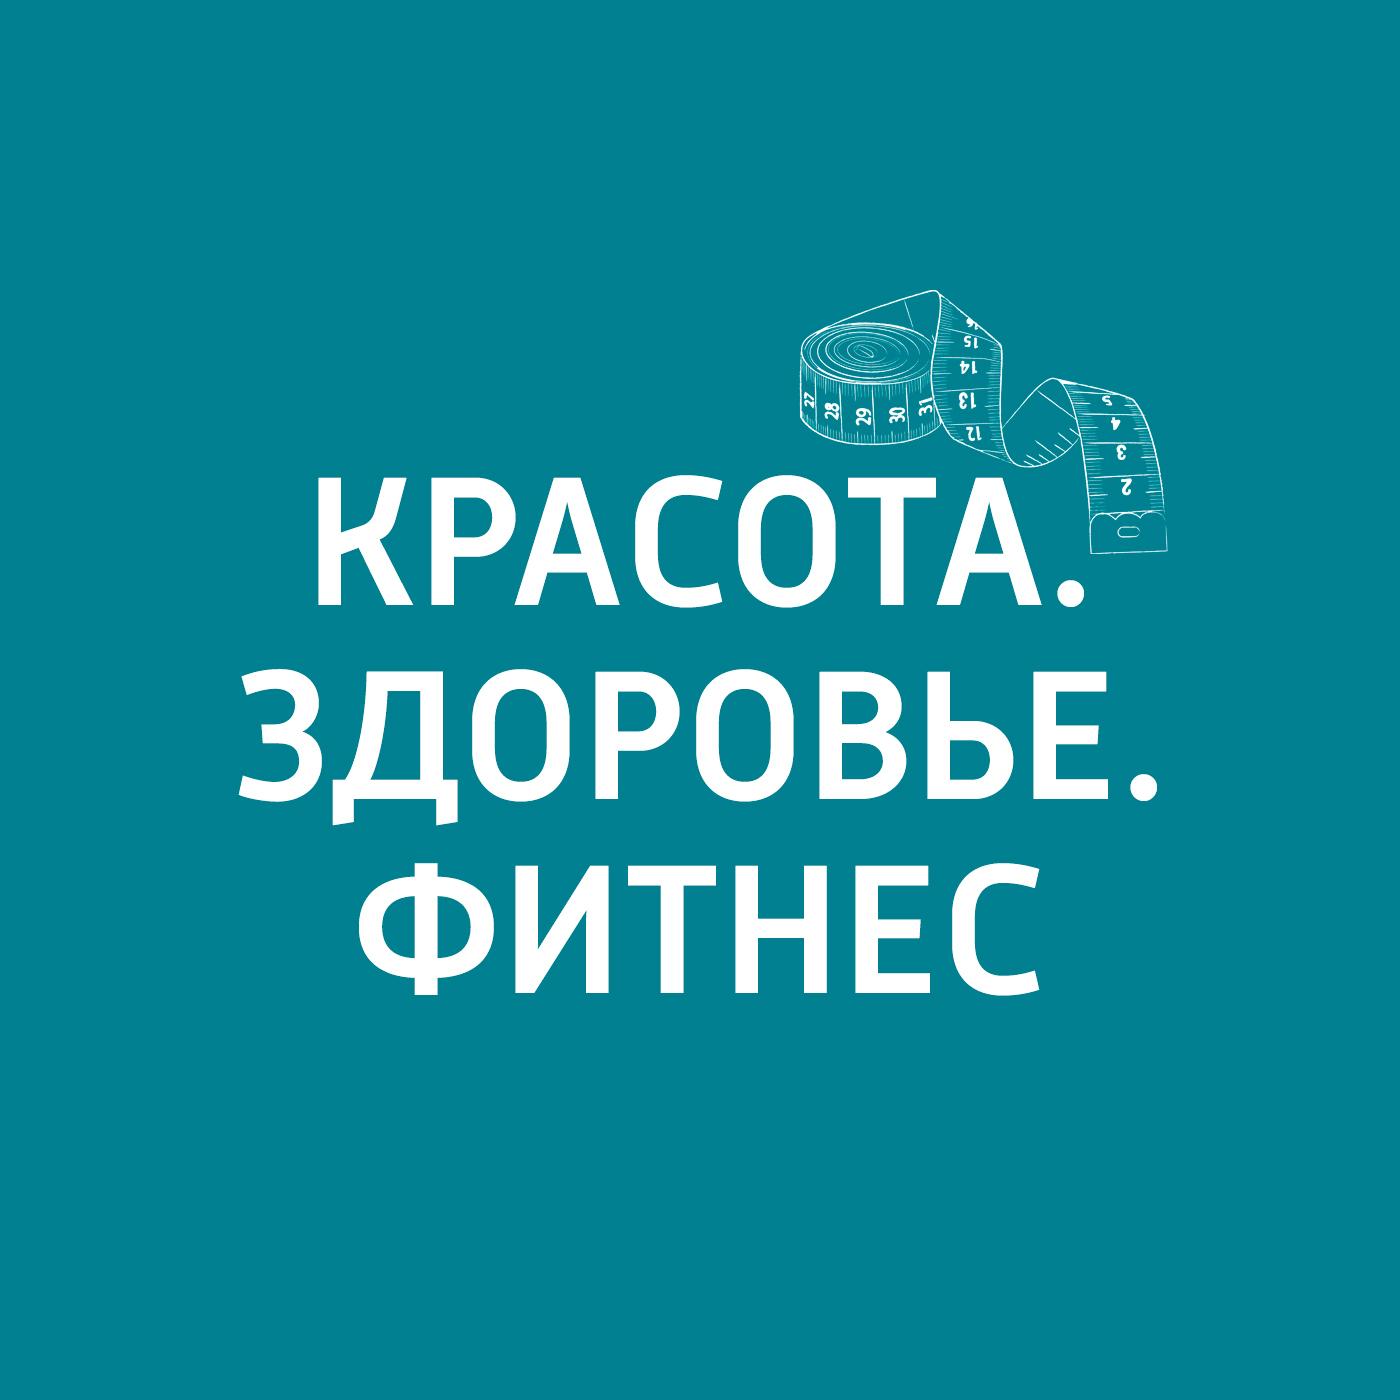 Маргарита Митрофанова Парфюмерия парфюмерия юа подделка